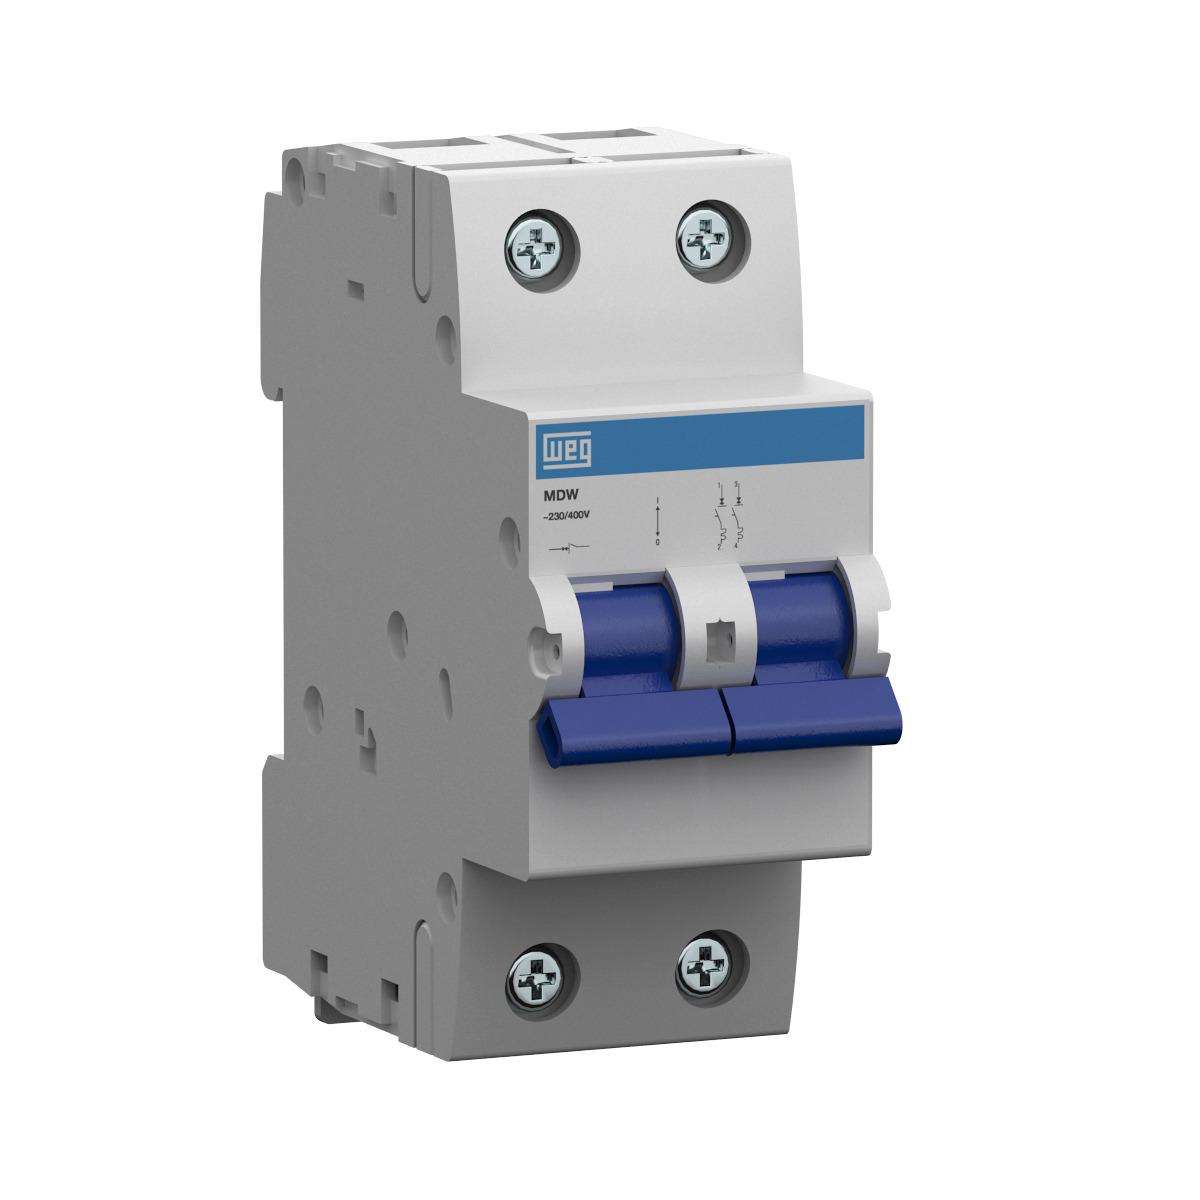 Minidisjuntor Termomagnético Weg Mdw-C20-2